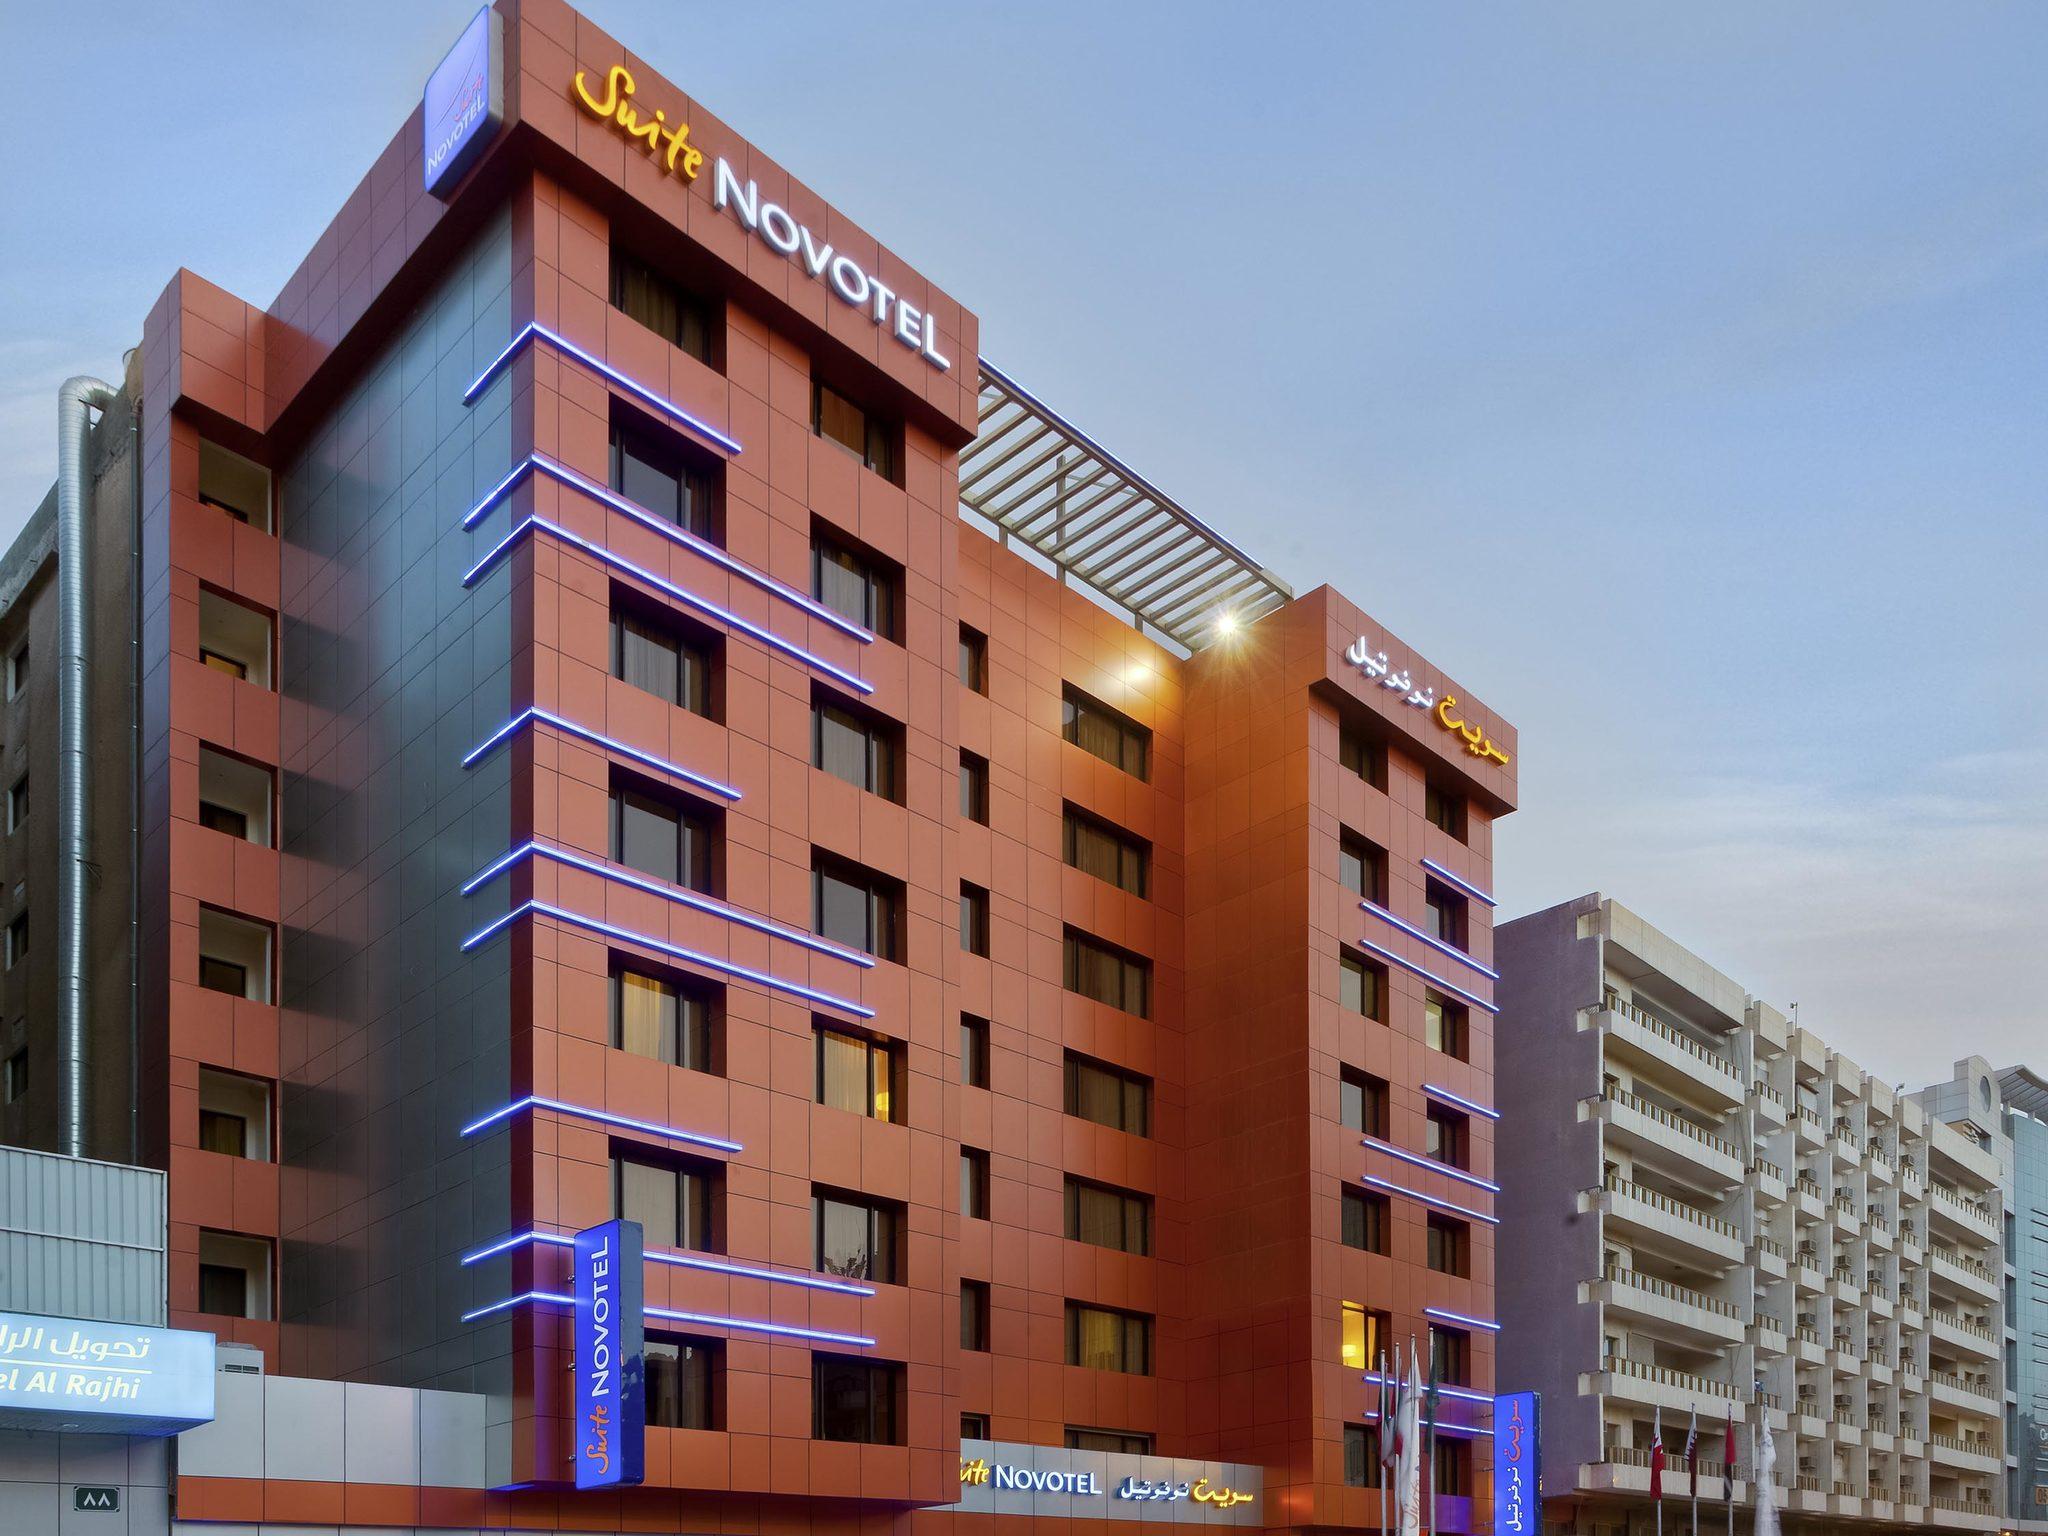 酒店 – 利雅德奥拉亚诺富特套房酒店